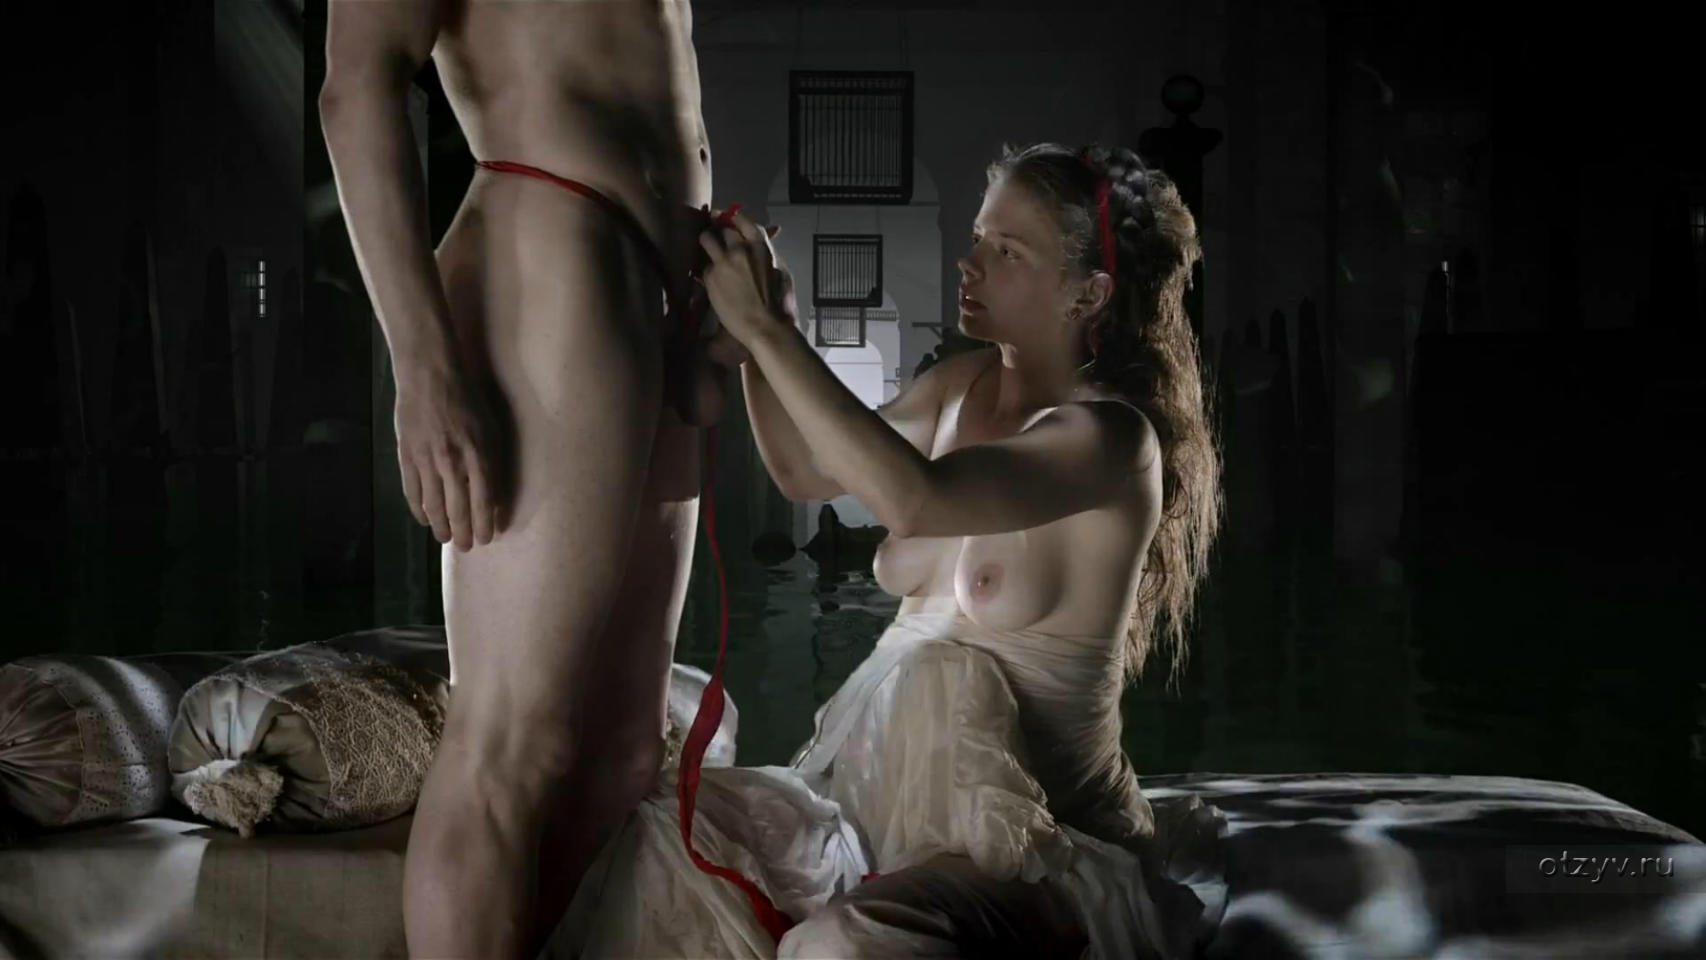 Худ фильмы эротика голые